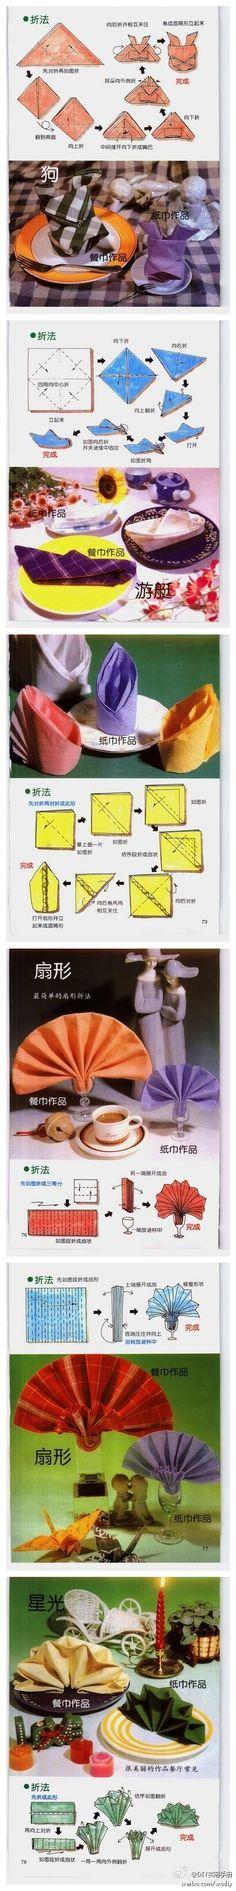 紙巾的折法 - 狗 遊艇 頭盔 扇形 星光